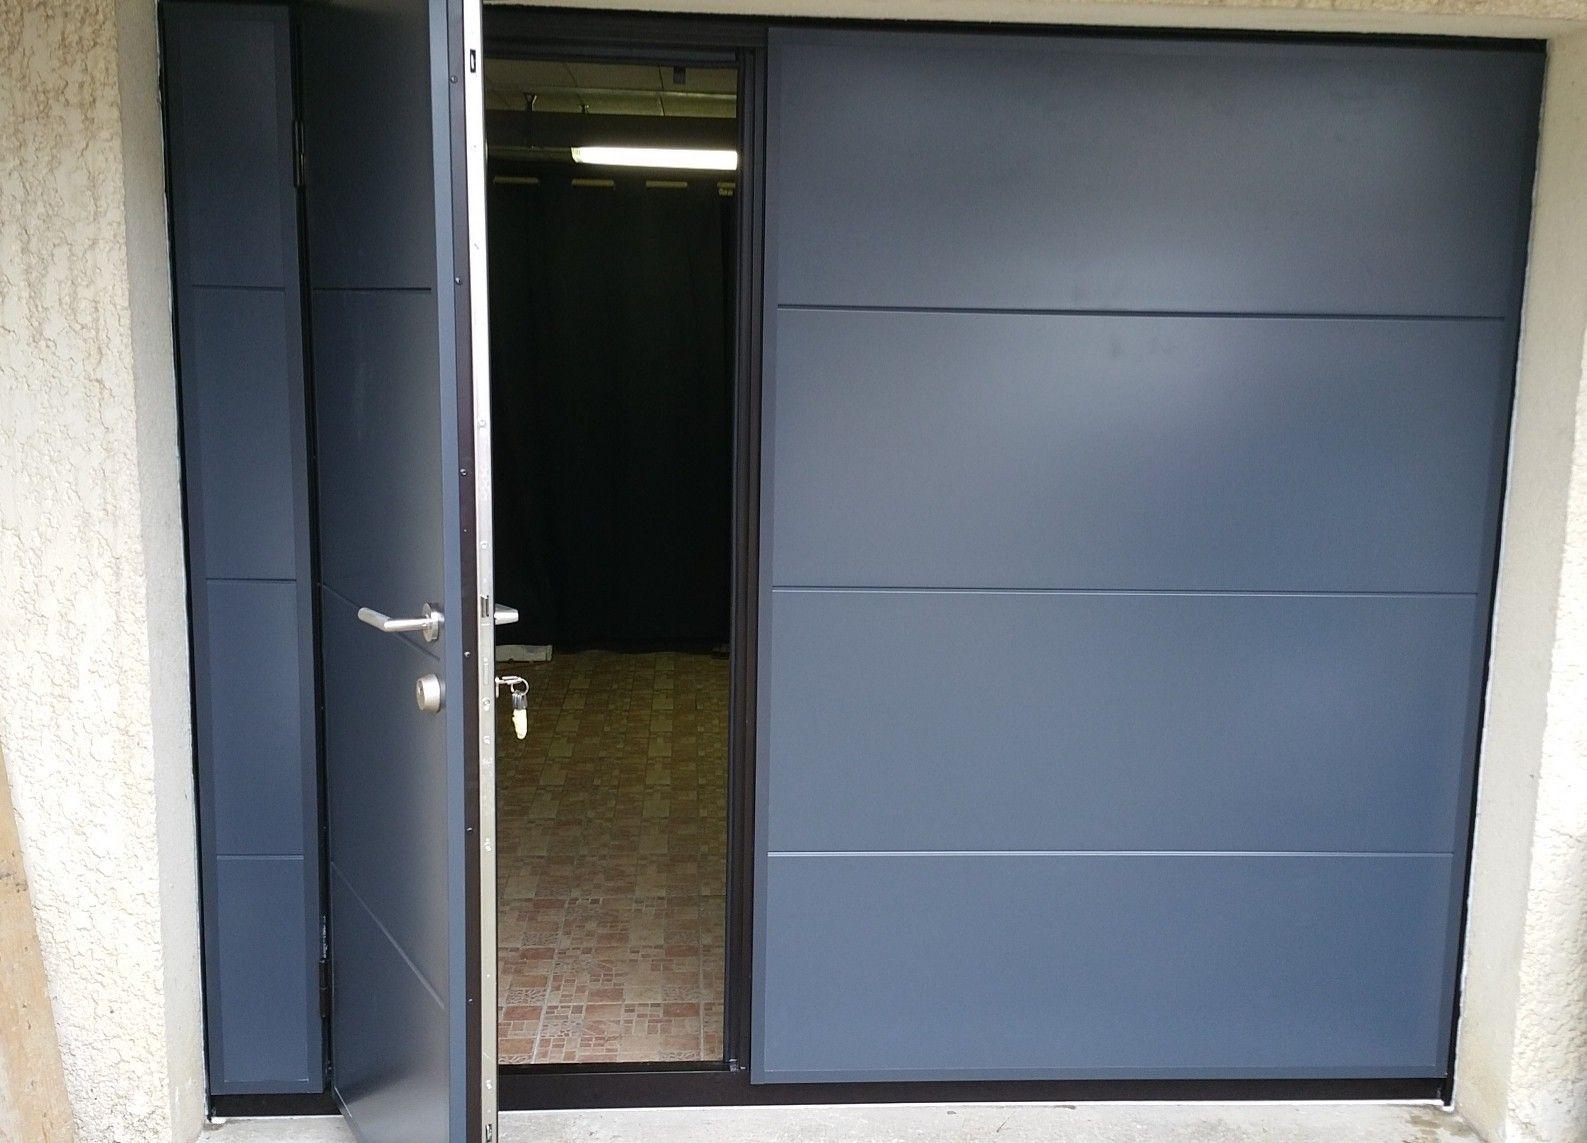 Porte Basculante Etanche Et Isolee Avec Portillon A2p Tuquet Porte Garage Garage Porte Basculante